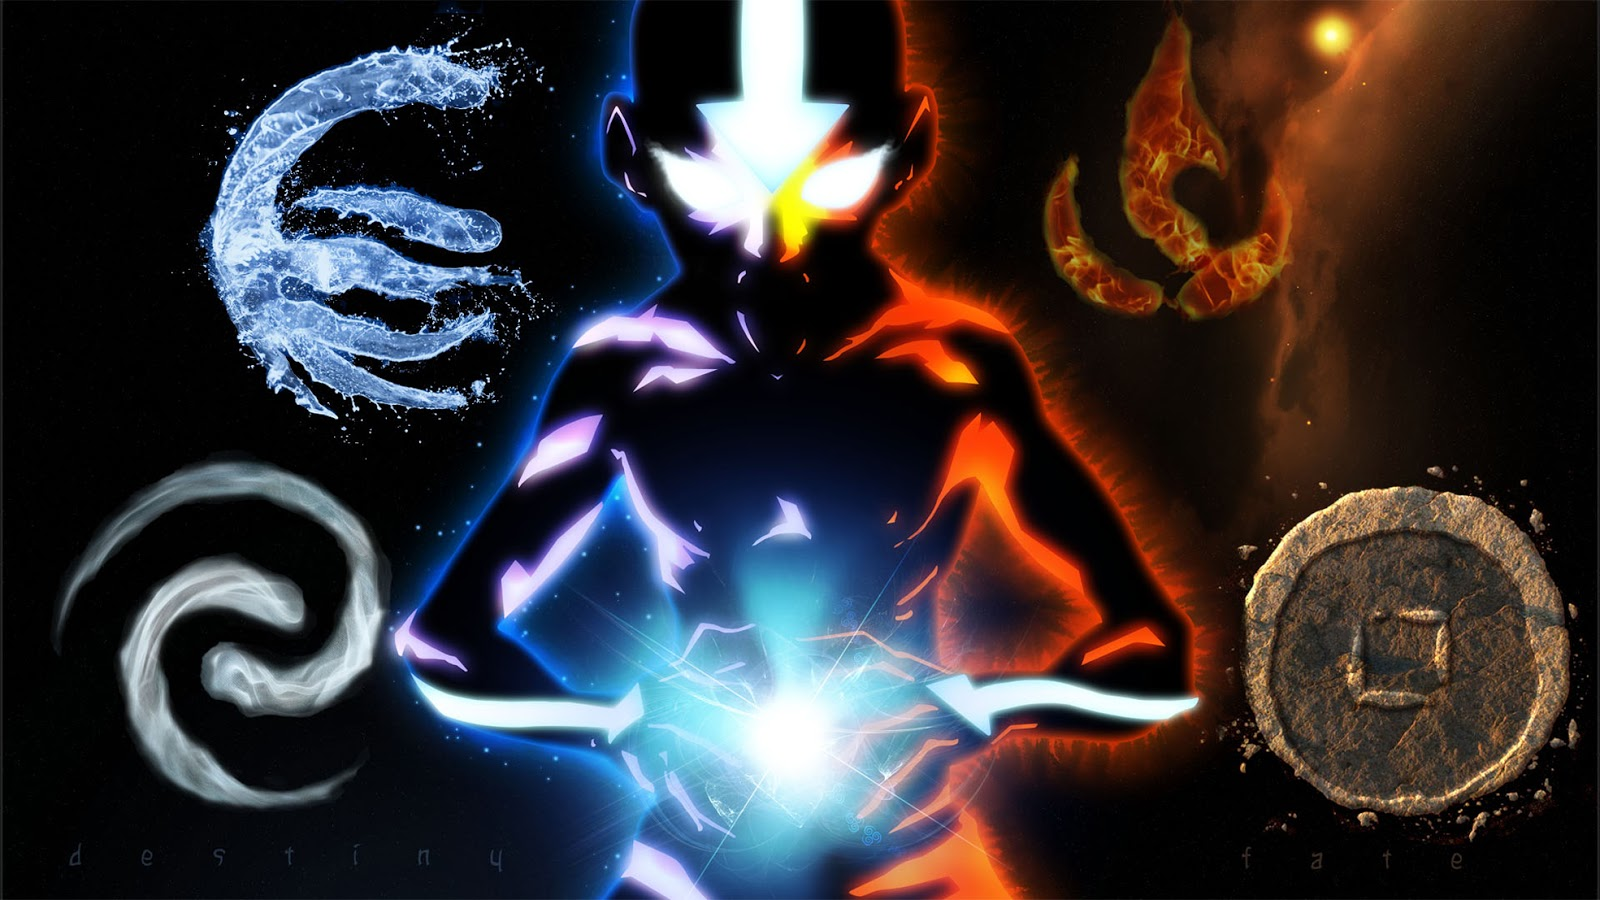 Avatar The Last Airbender comics  Wikipedia